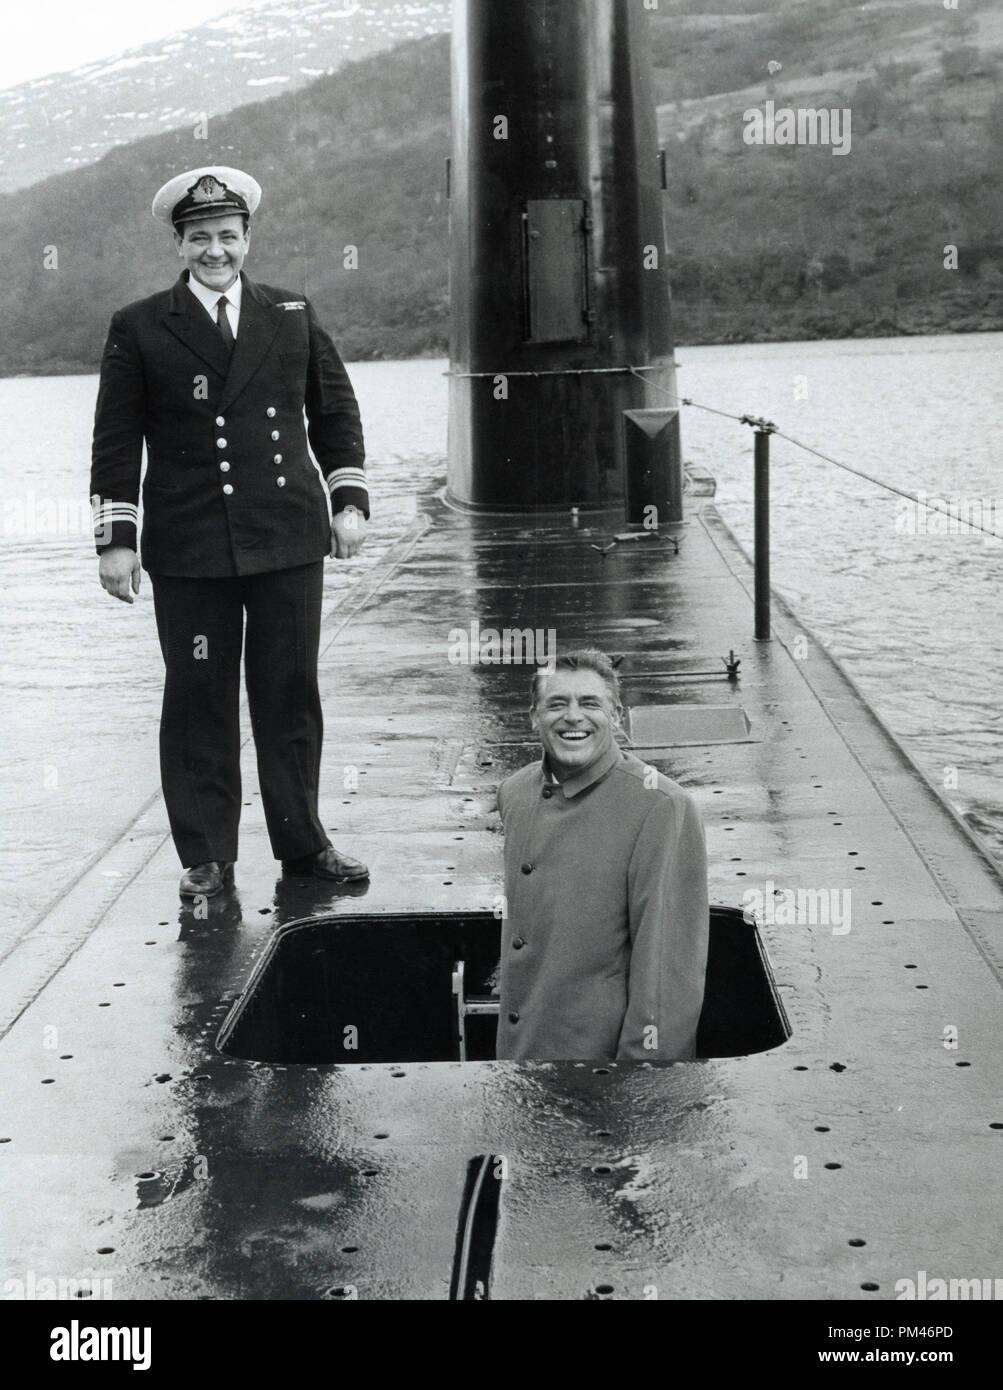 Cary Grant visitas un submarino en Finnant, Loch Long Escocia, febrero 2,1960. Archivo de referencia #1084_004tha © CCI /El Hollywood Archive - Todos los derechos reservados. Imagen De Stock